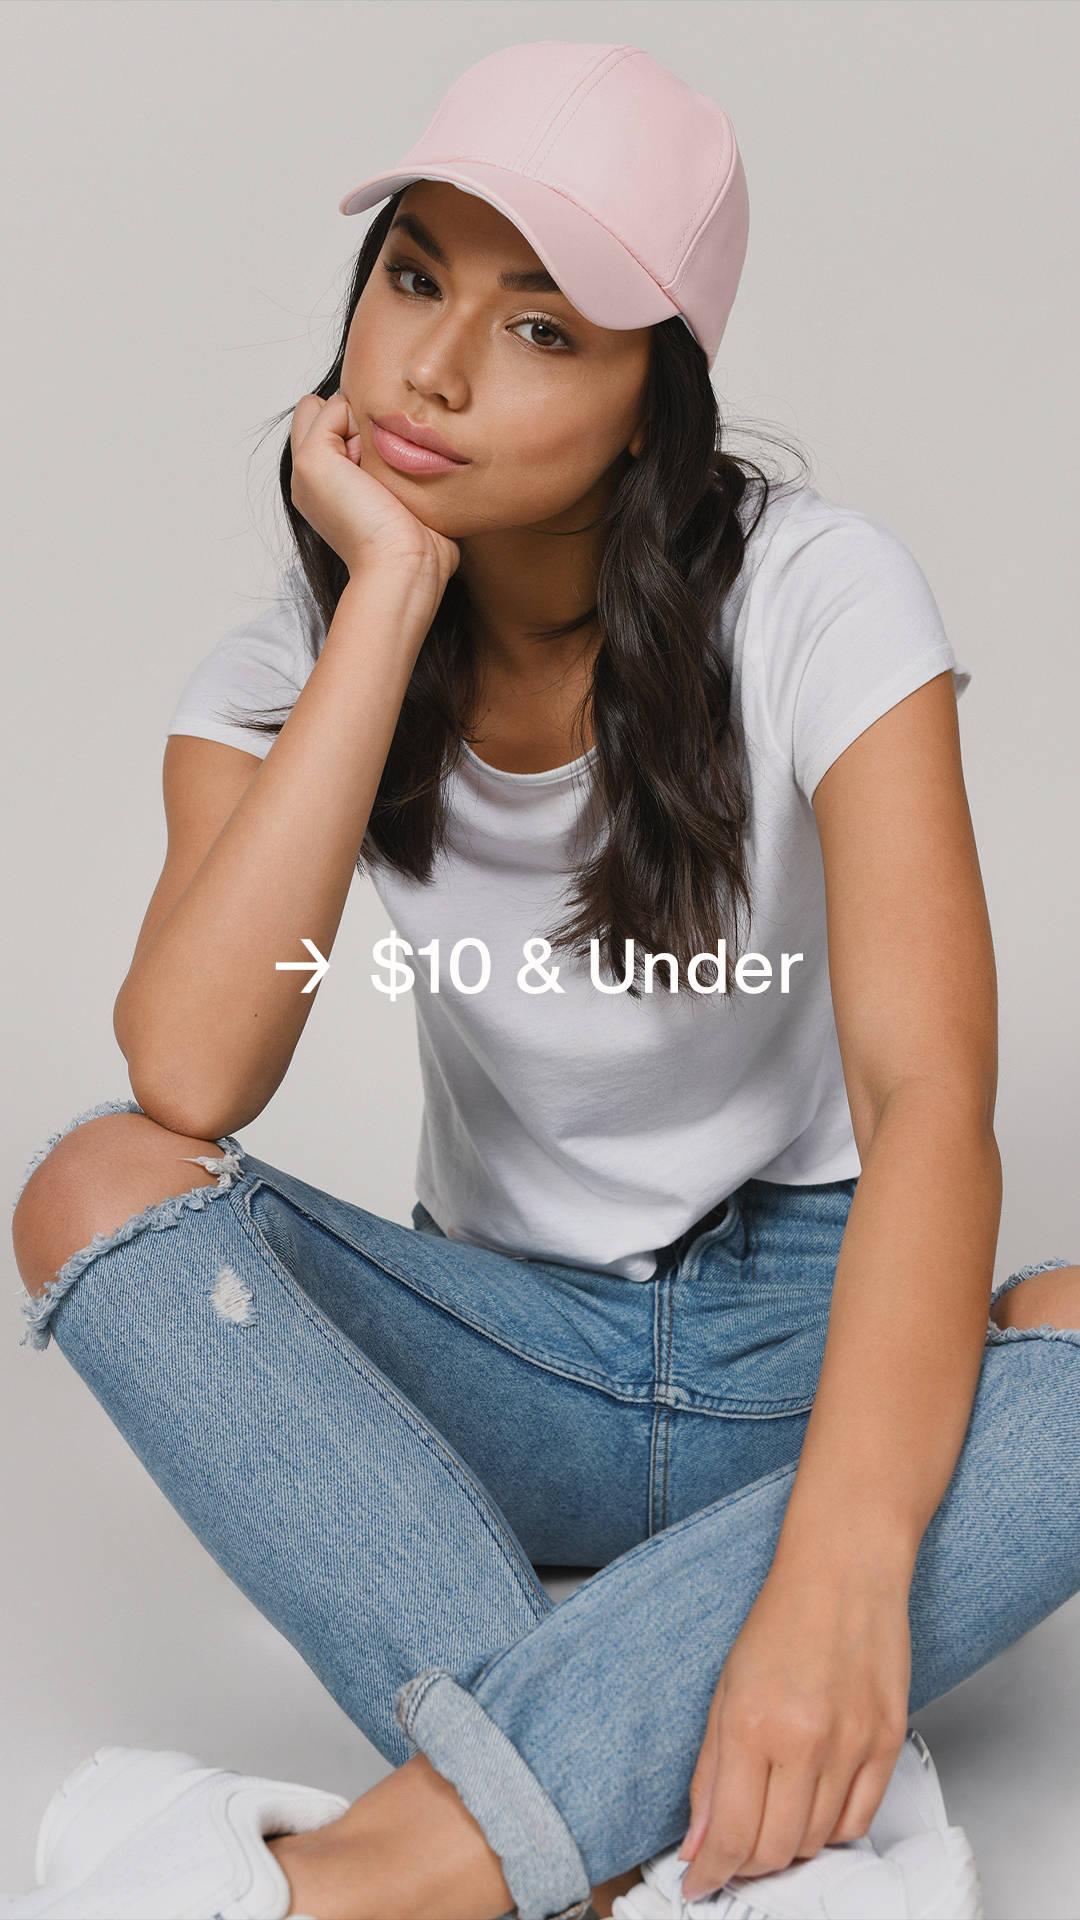 $10 & Under